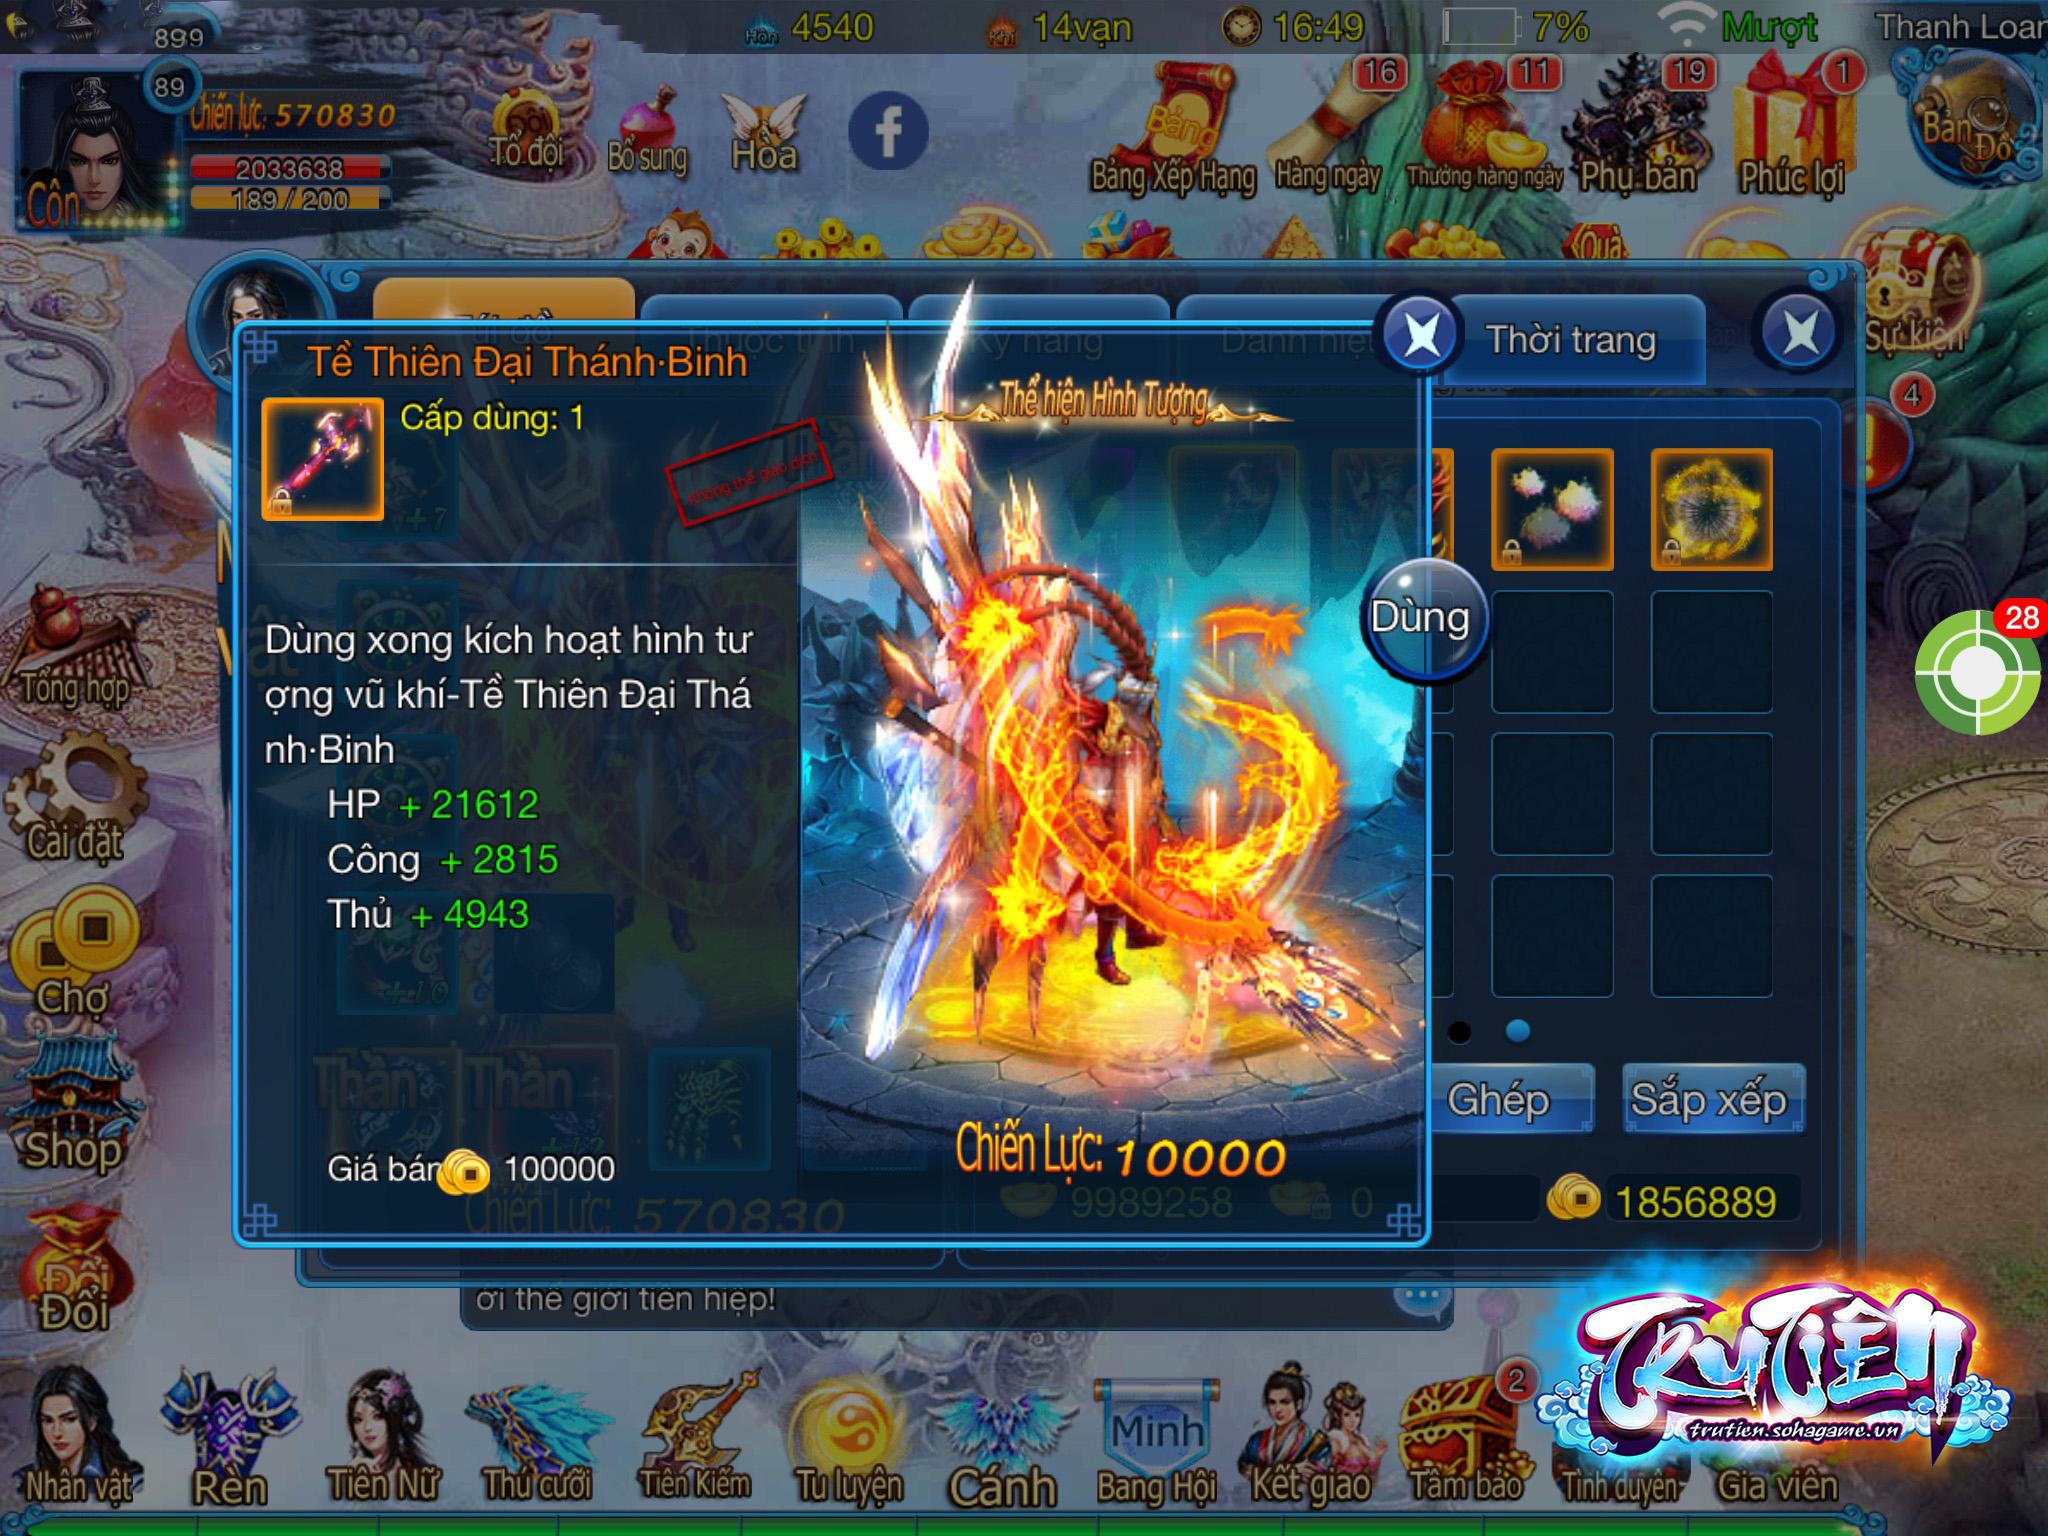 Tru Tiên Mobile cho phép người chơi hóa Tề Thiên Đại Thánh đón chào năm Khỉ 1